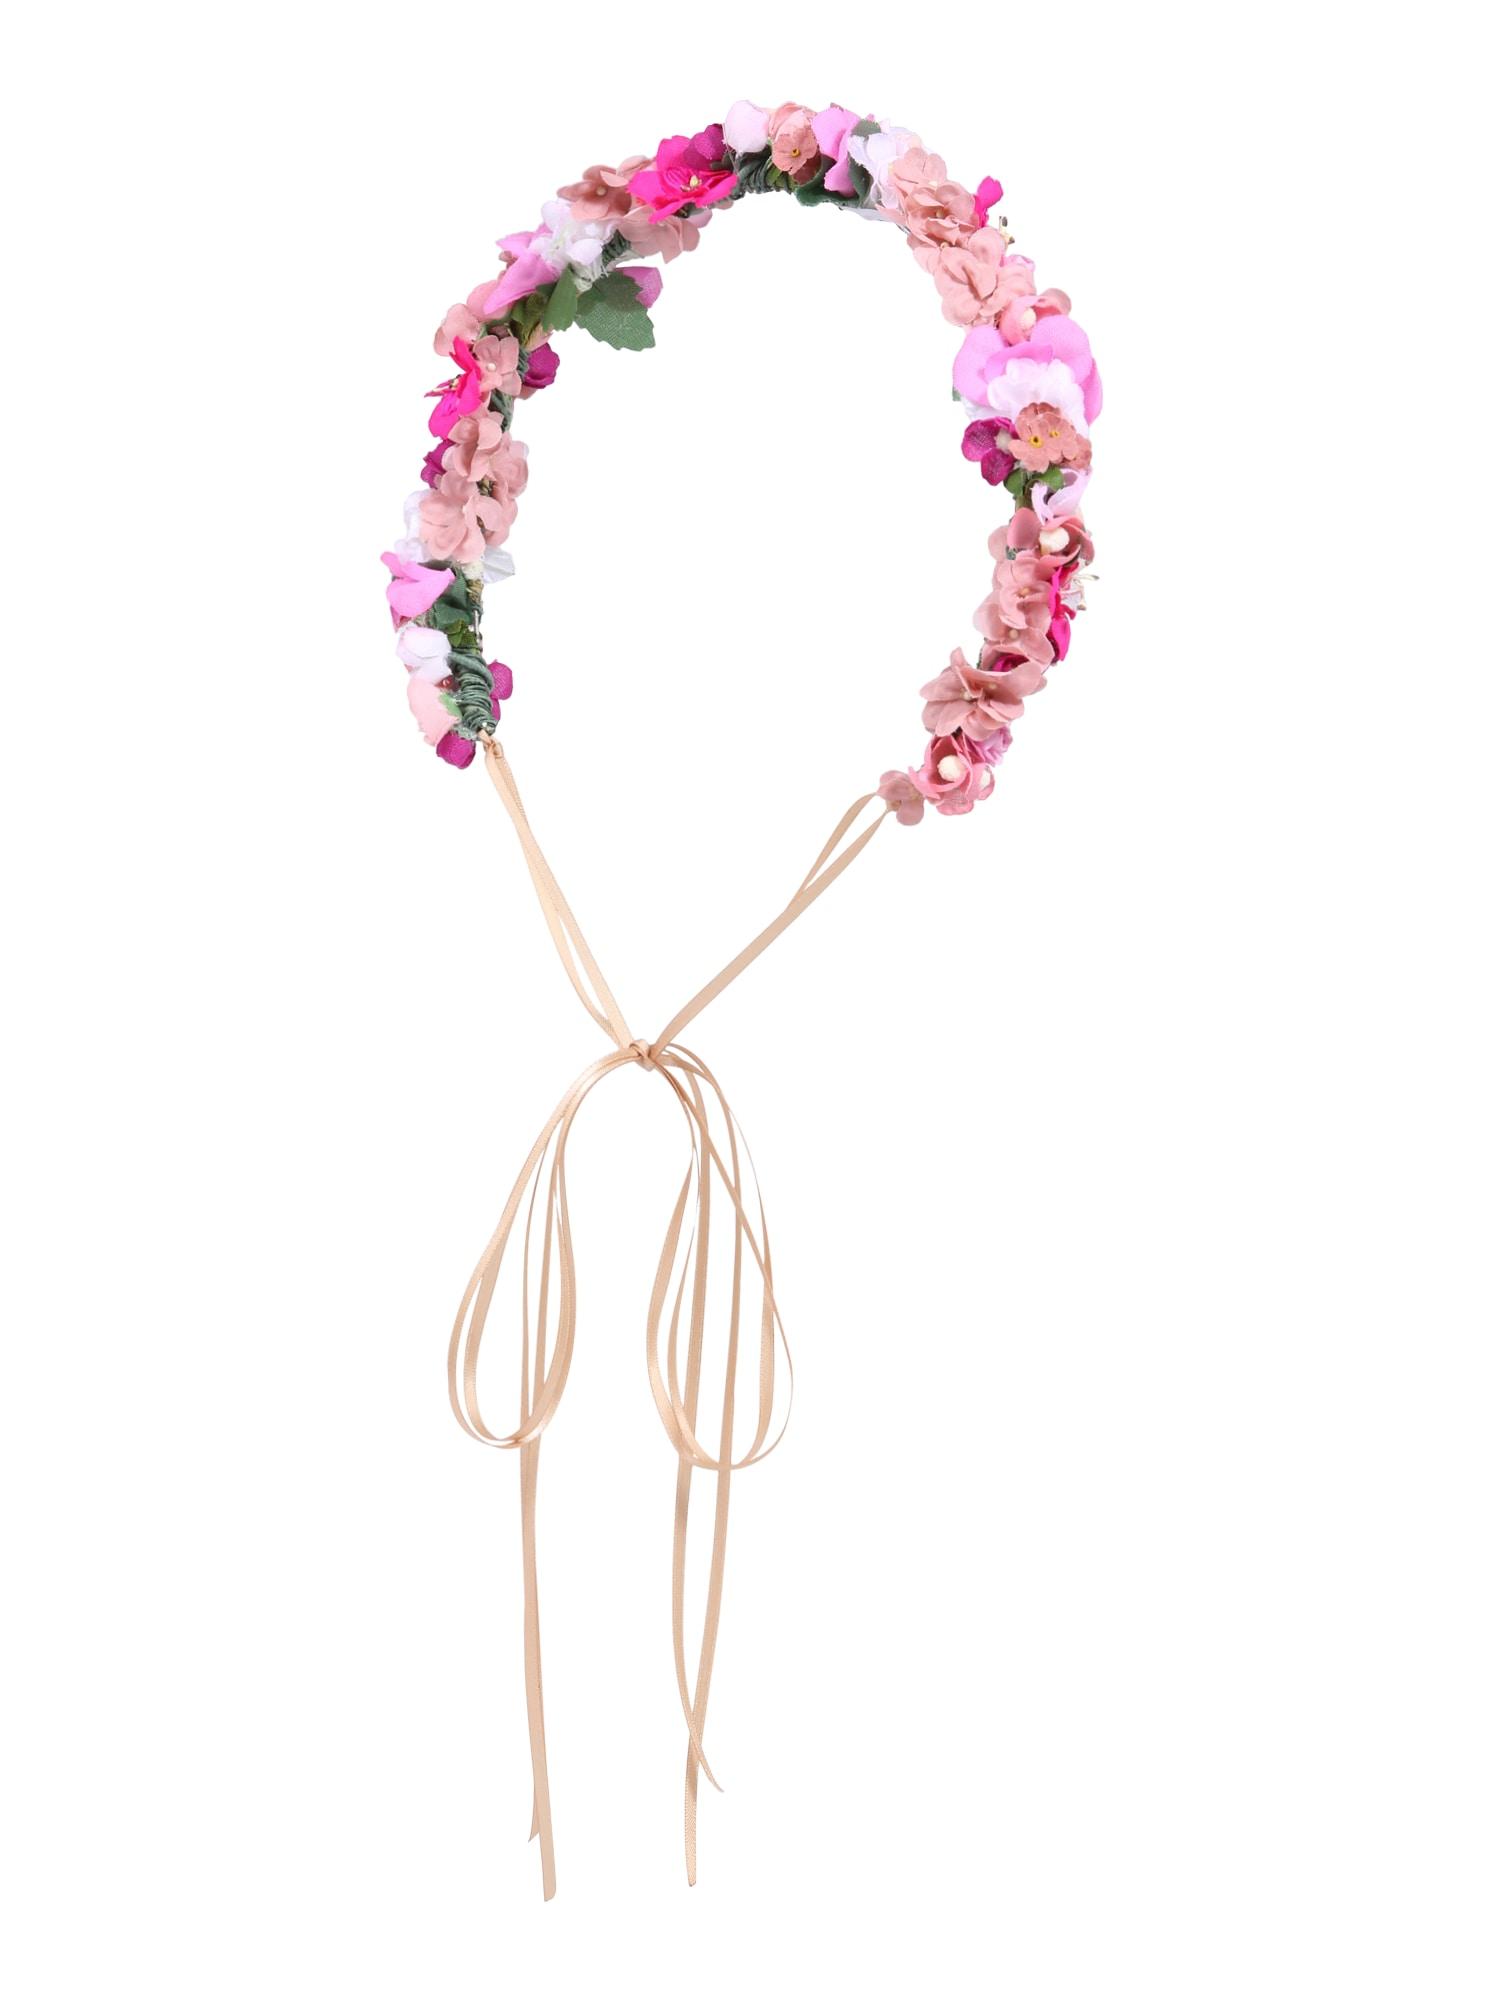 Šperky do vlasů Flowercrown zelená pink růžová We Are Flowergirls